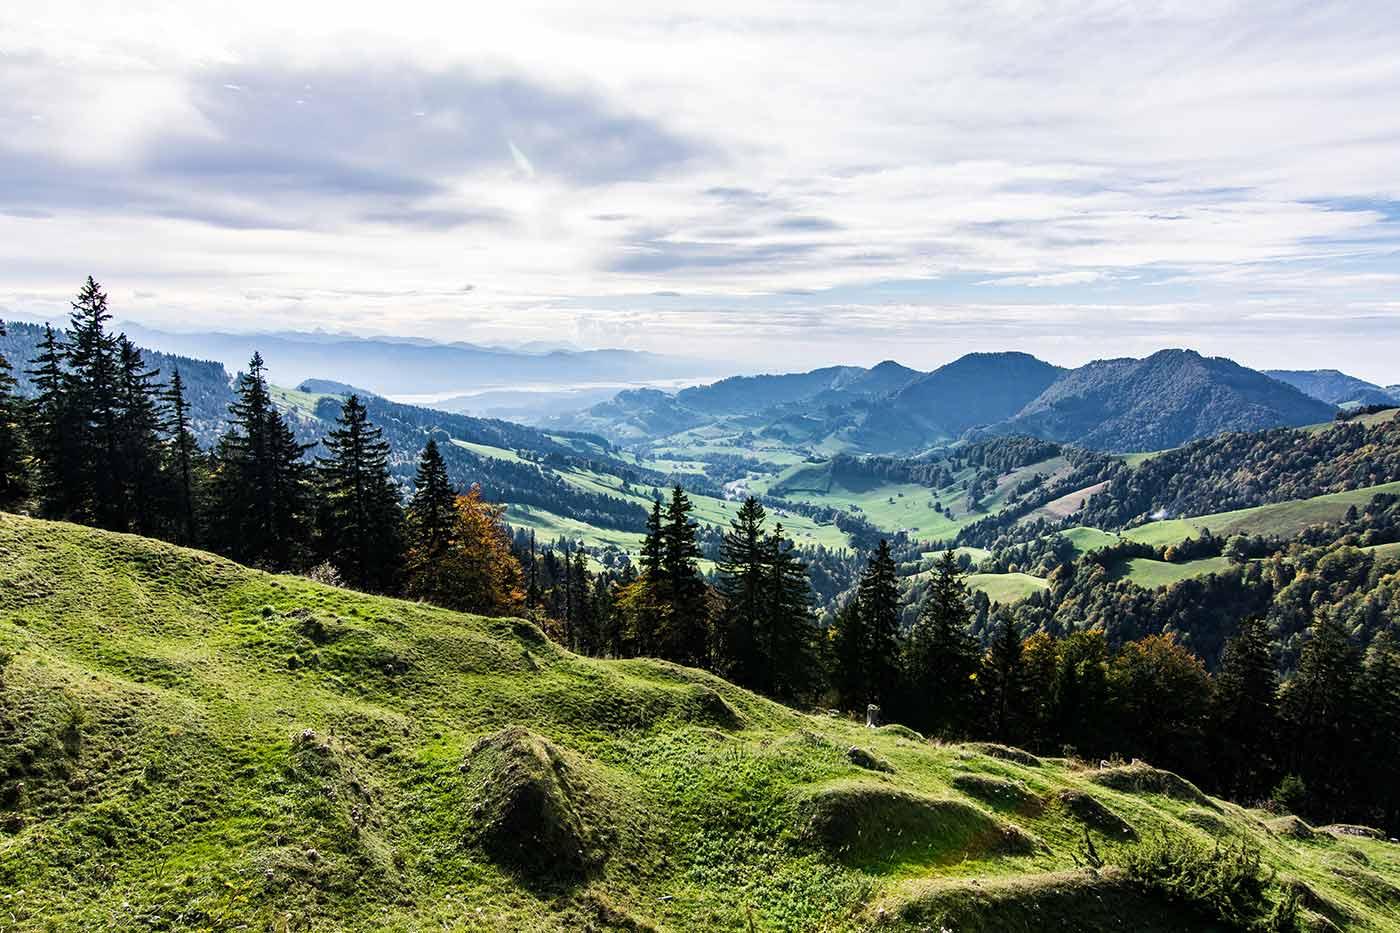 Im Schweizer Kanton St. Gallen - auf der anderen Seite des Zürichsees liegt der Kanton Schwyz